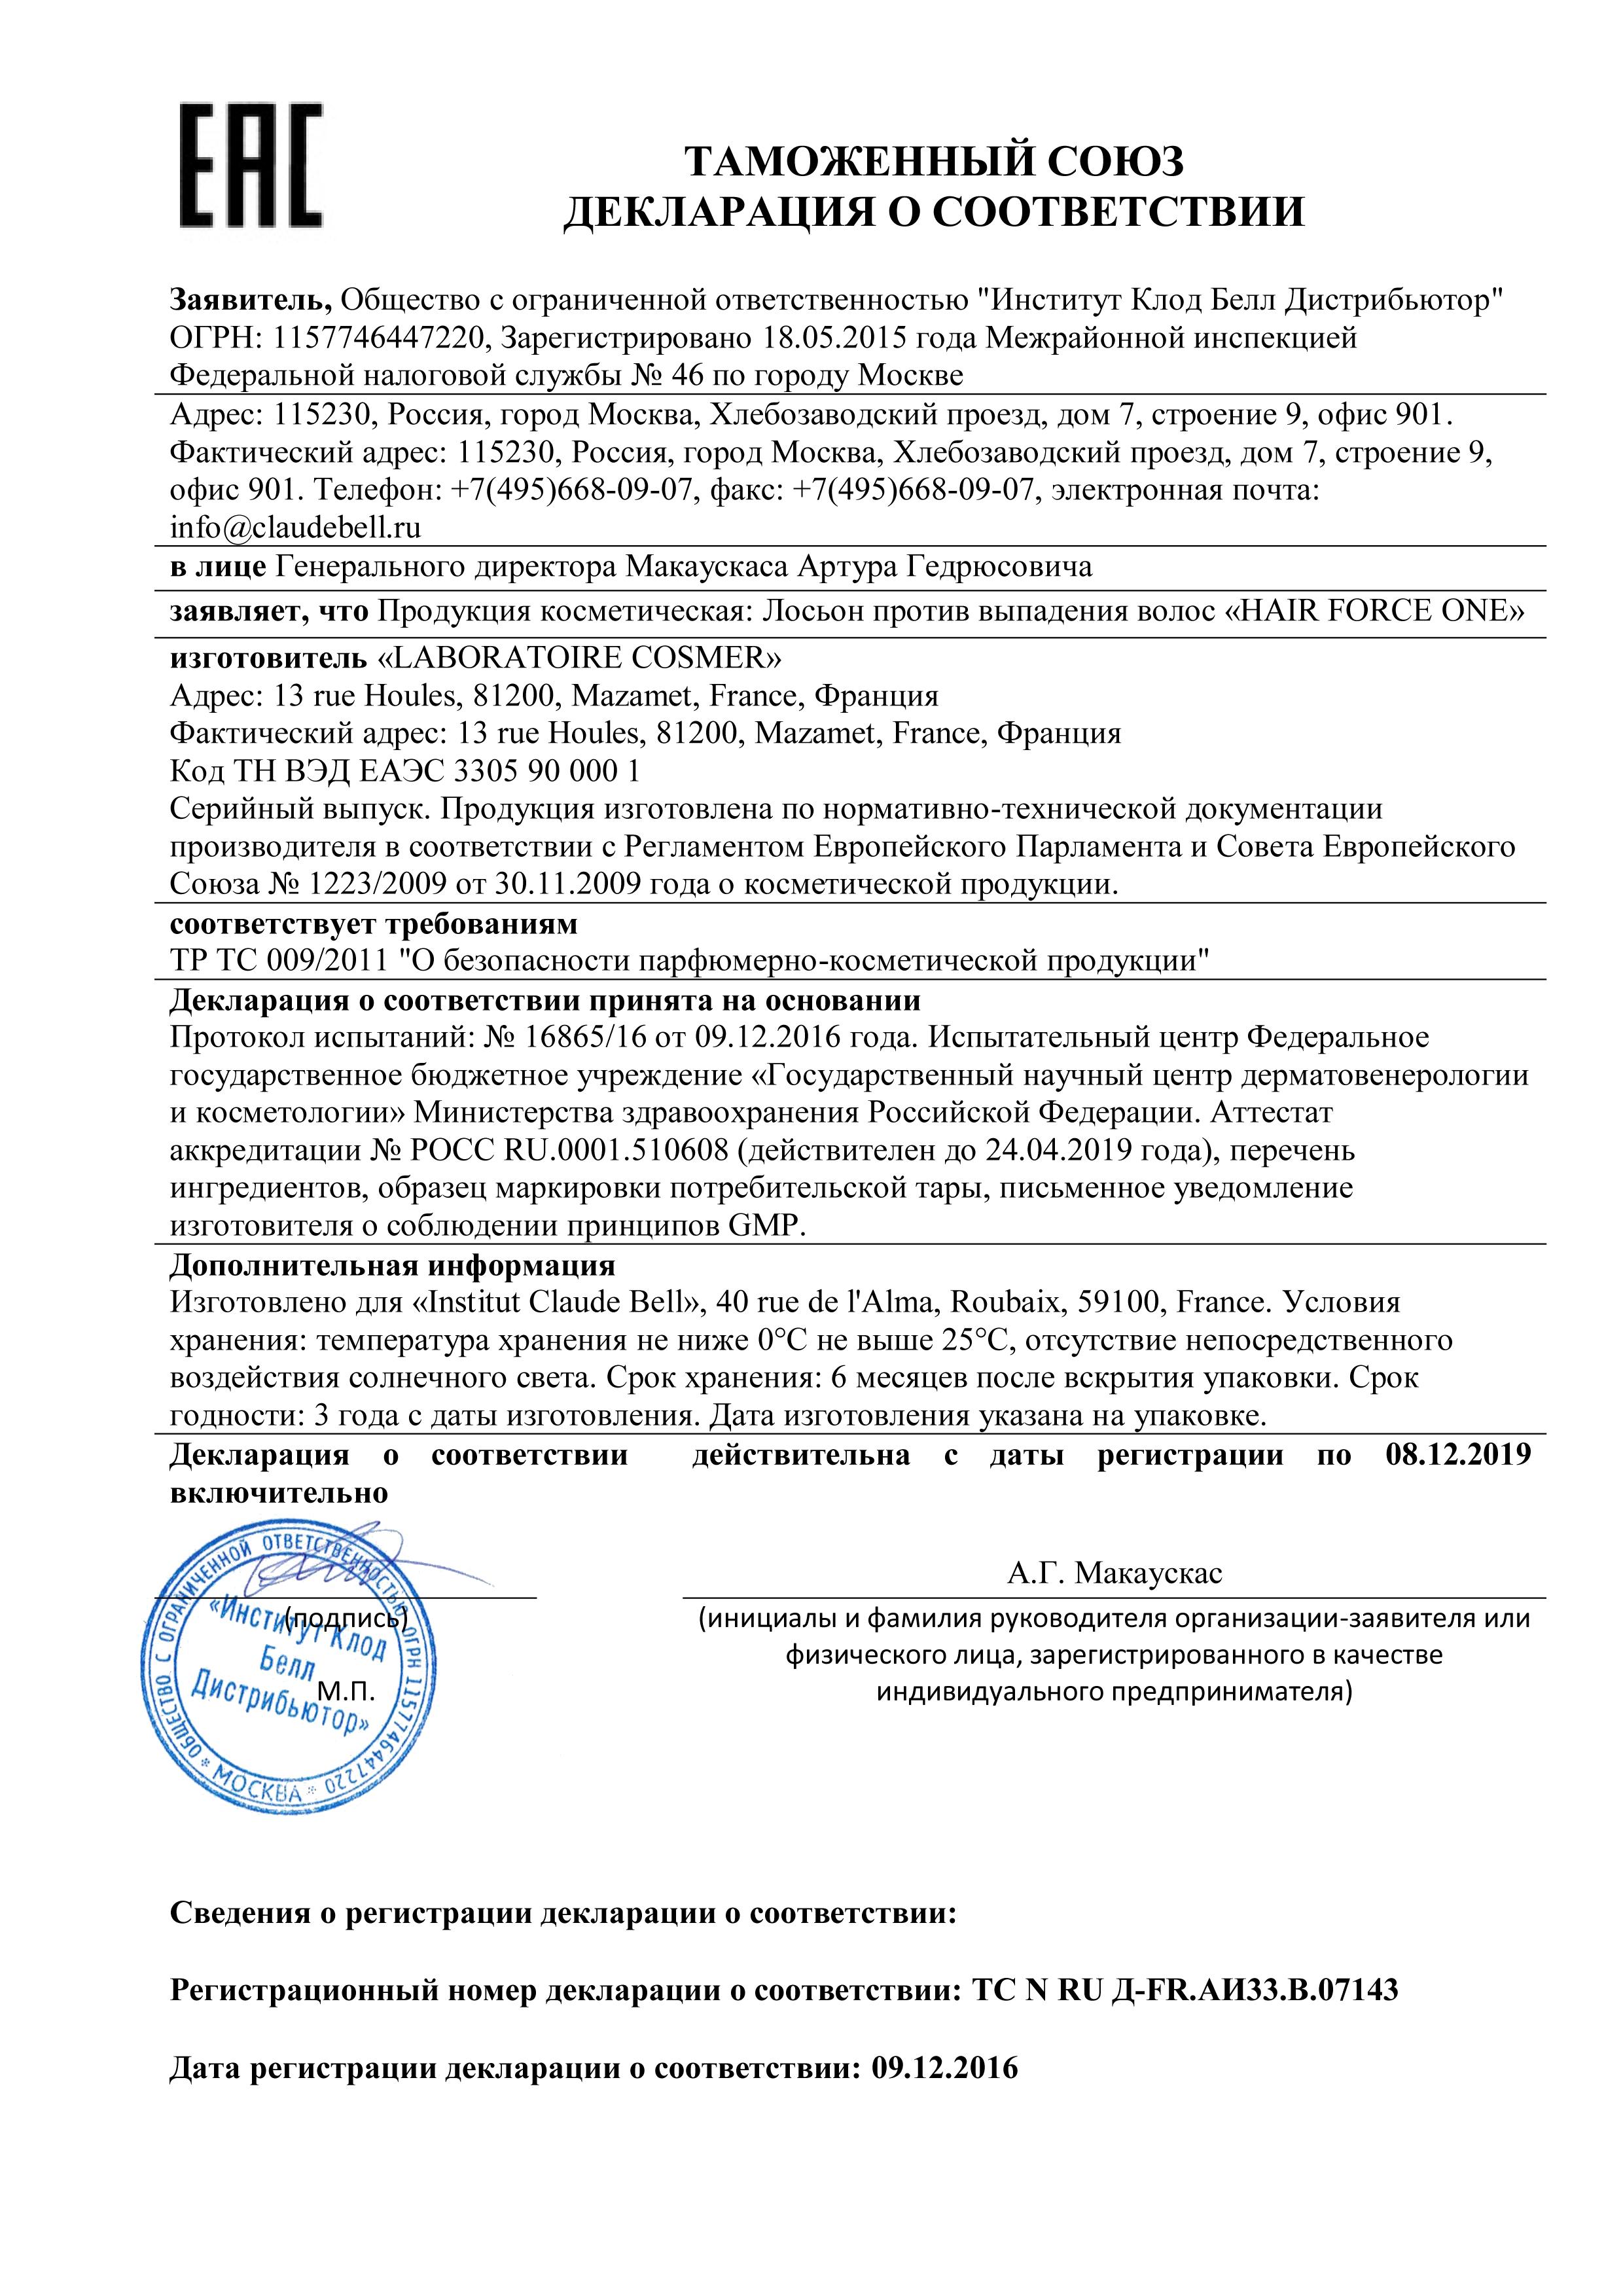 Сертификат Лосьон против выпадения волос HAIR FORCE ONE